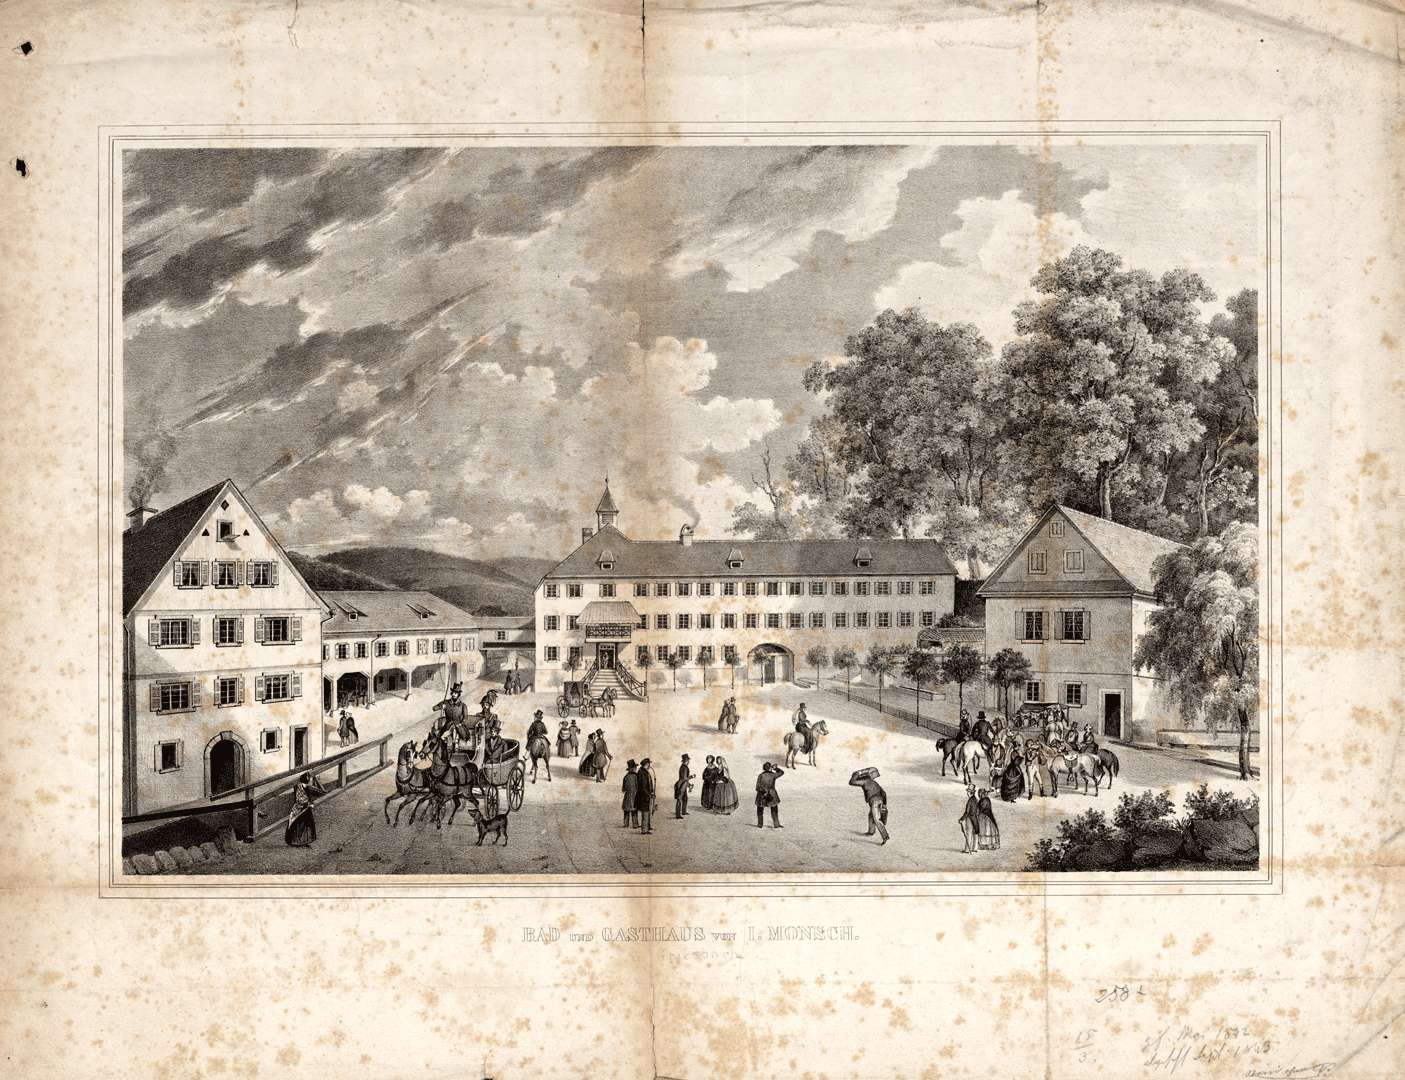 Bad und Gasthaus von J. Monsch in Griesbach, Bild 1